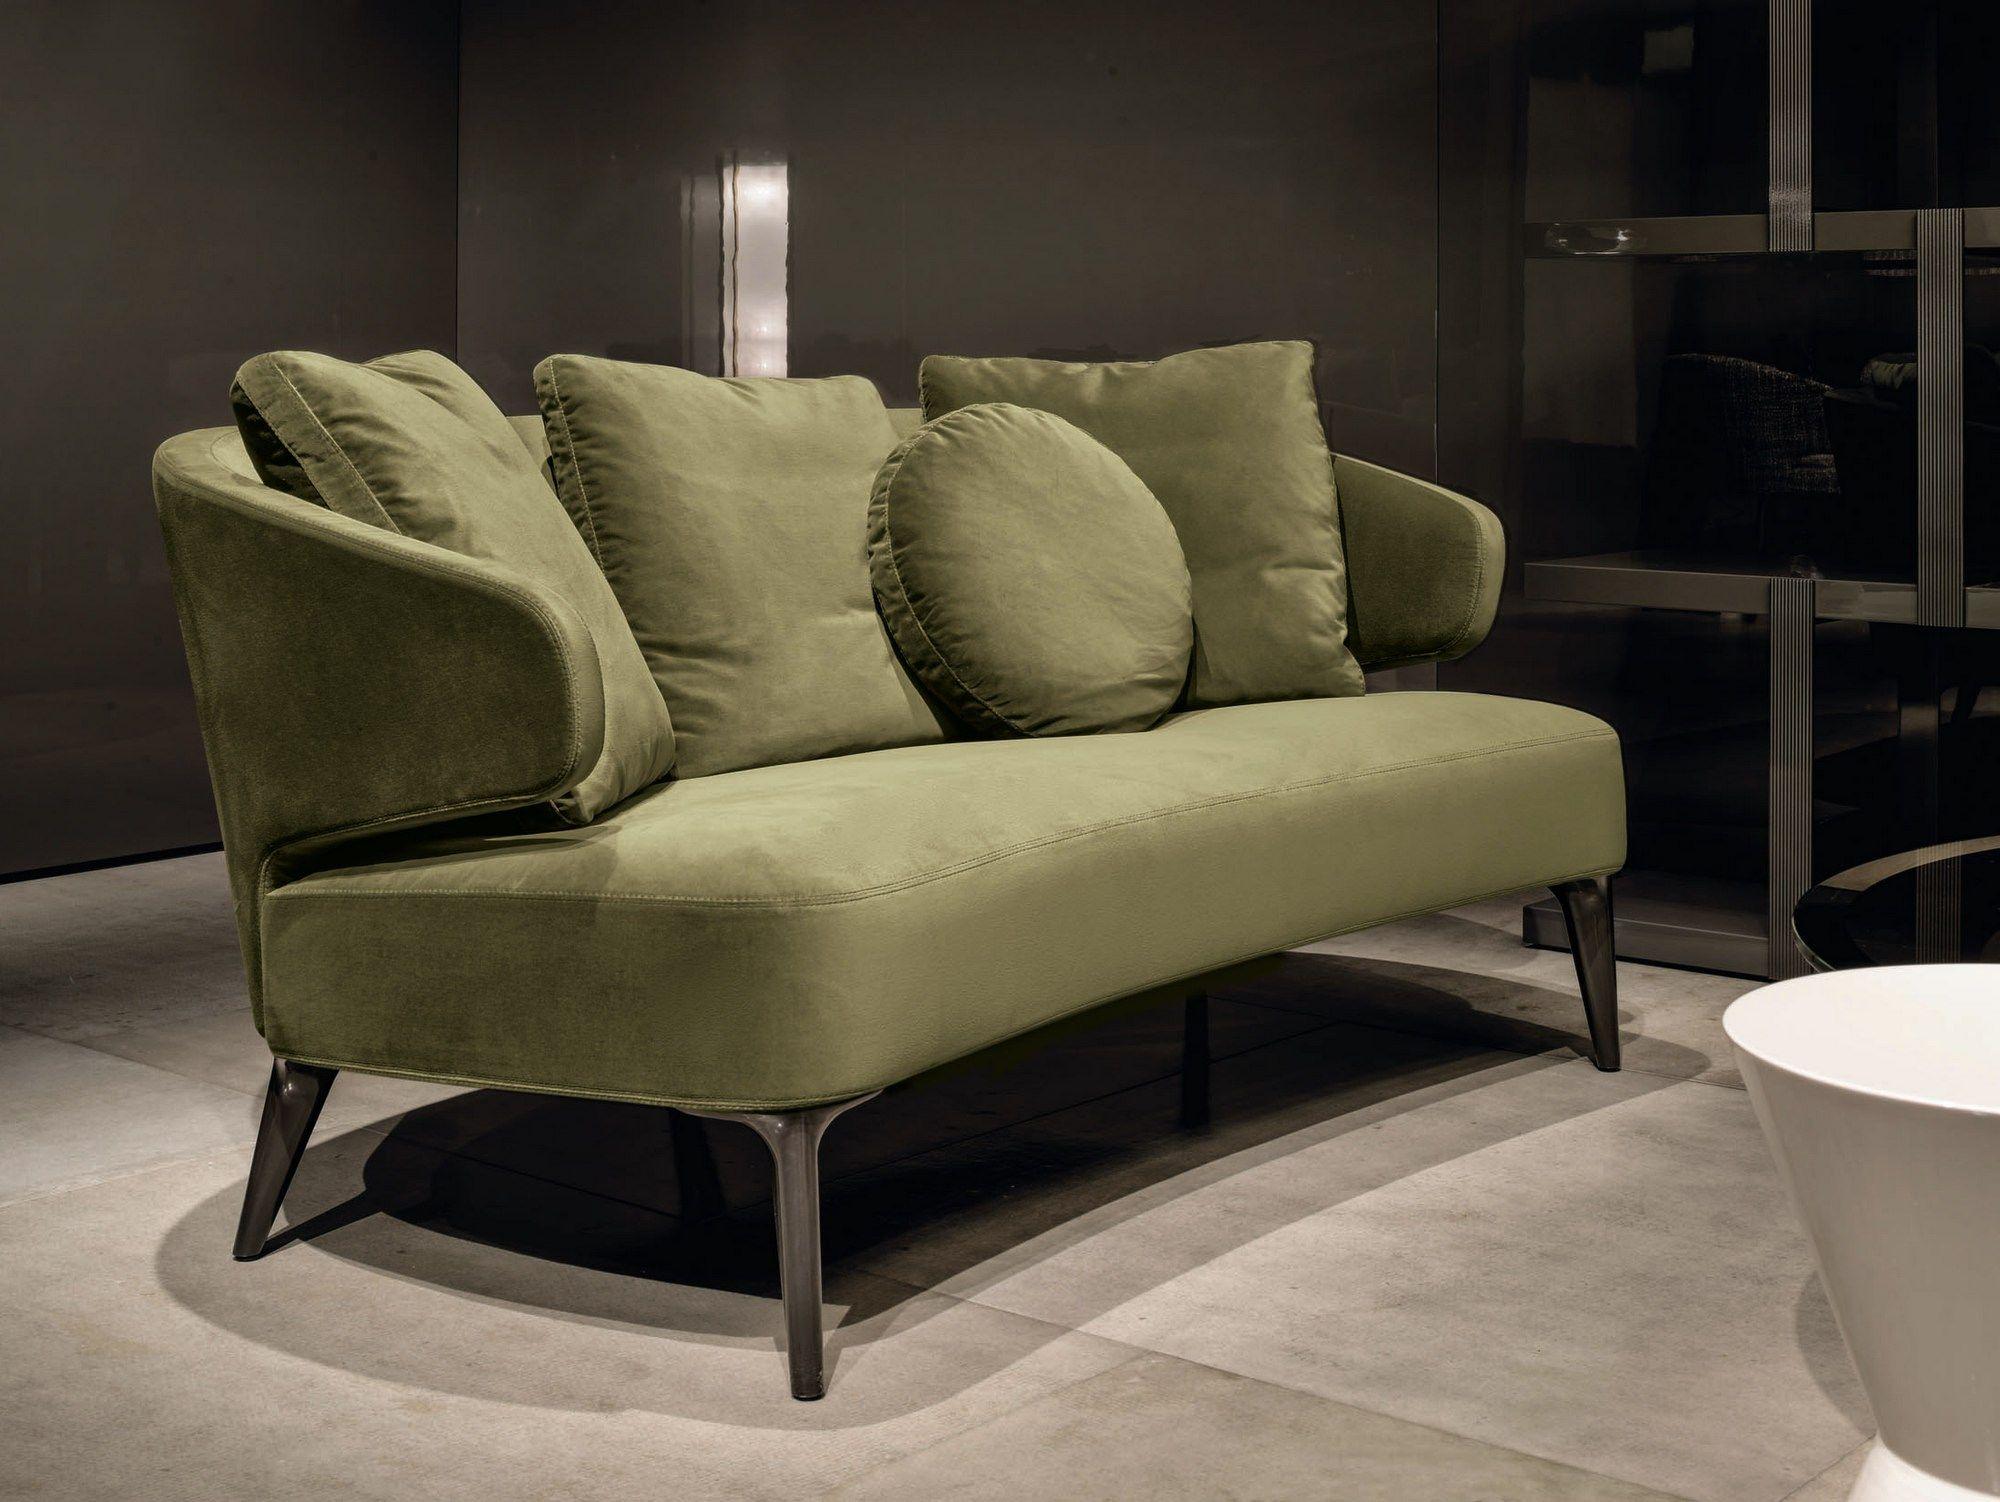 Aston divano by minotti design rodolfo dordoni for Divano minotti